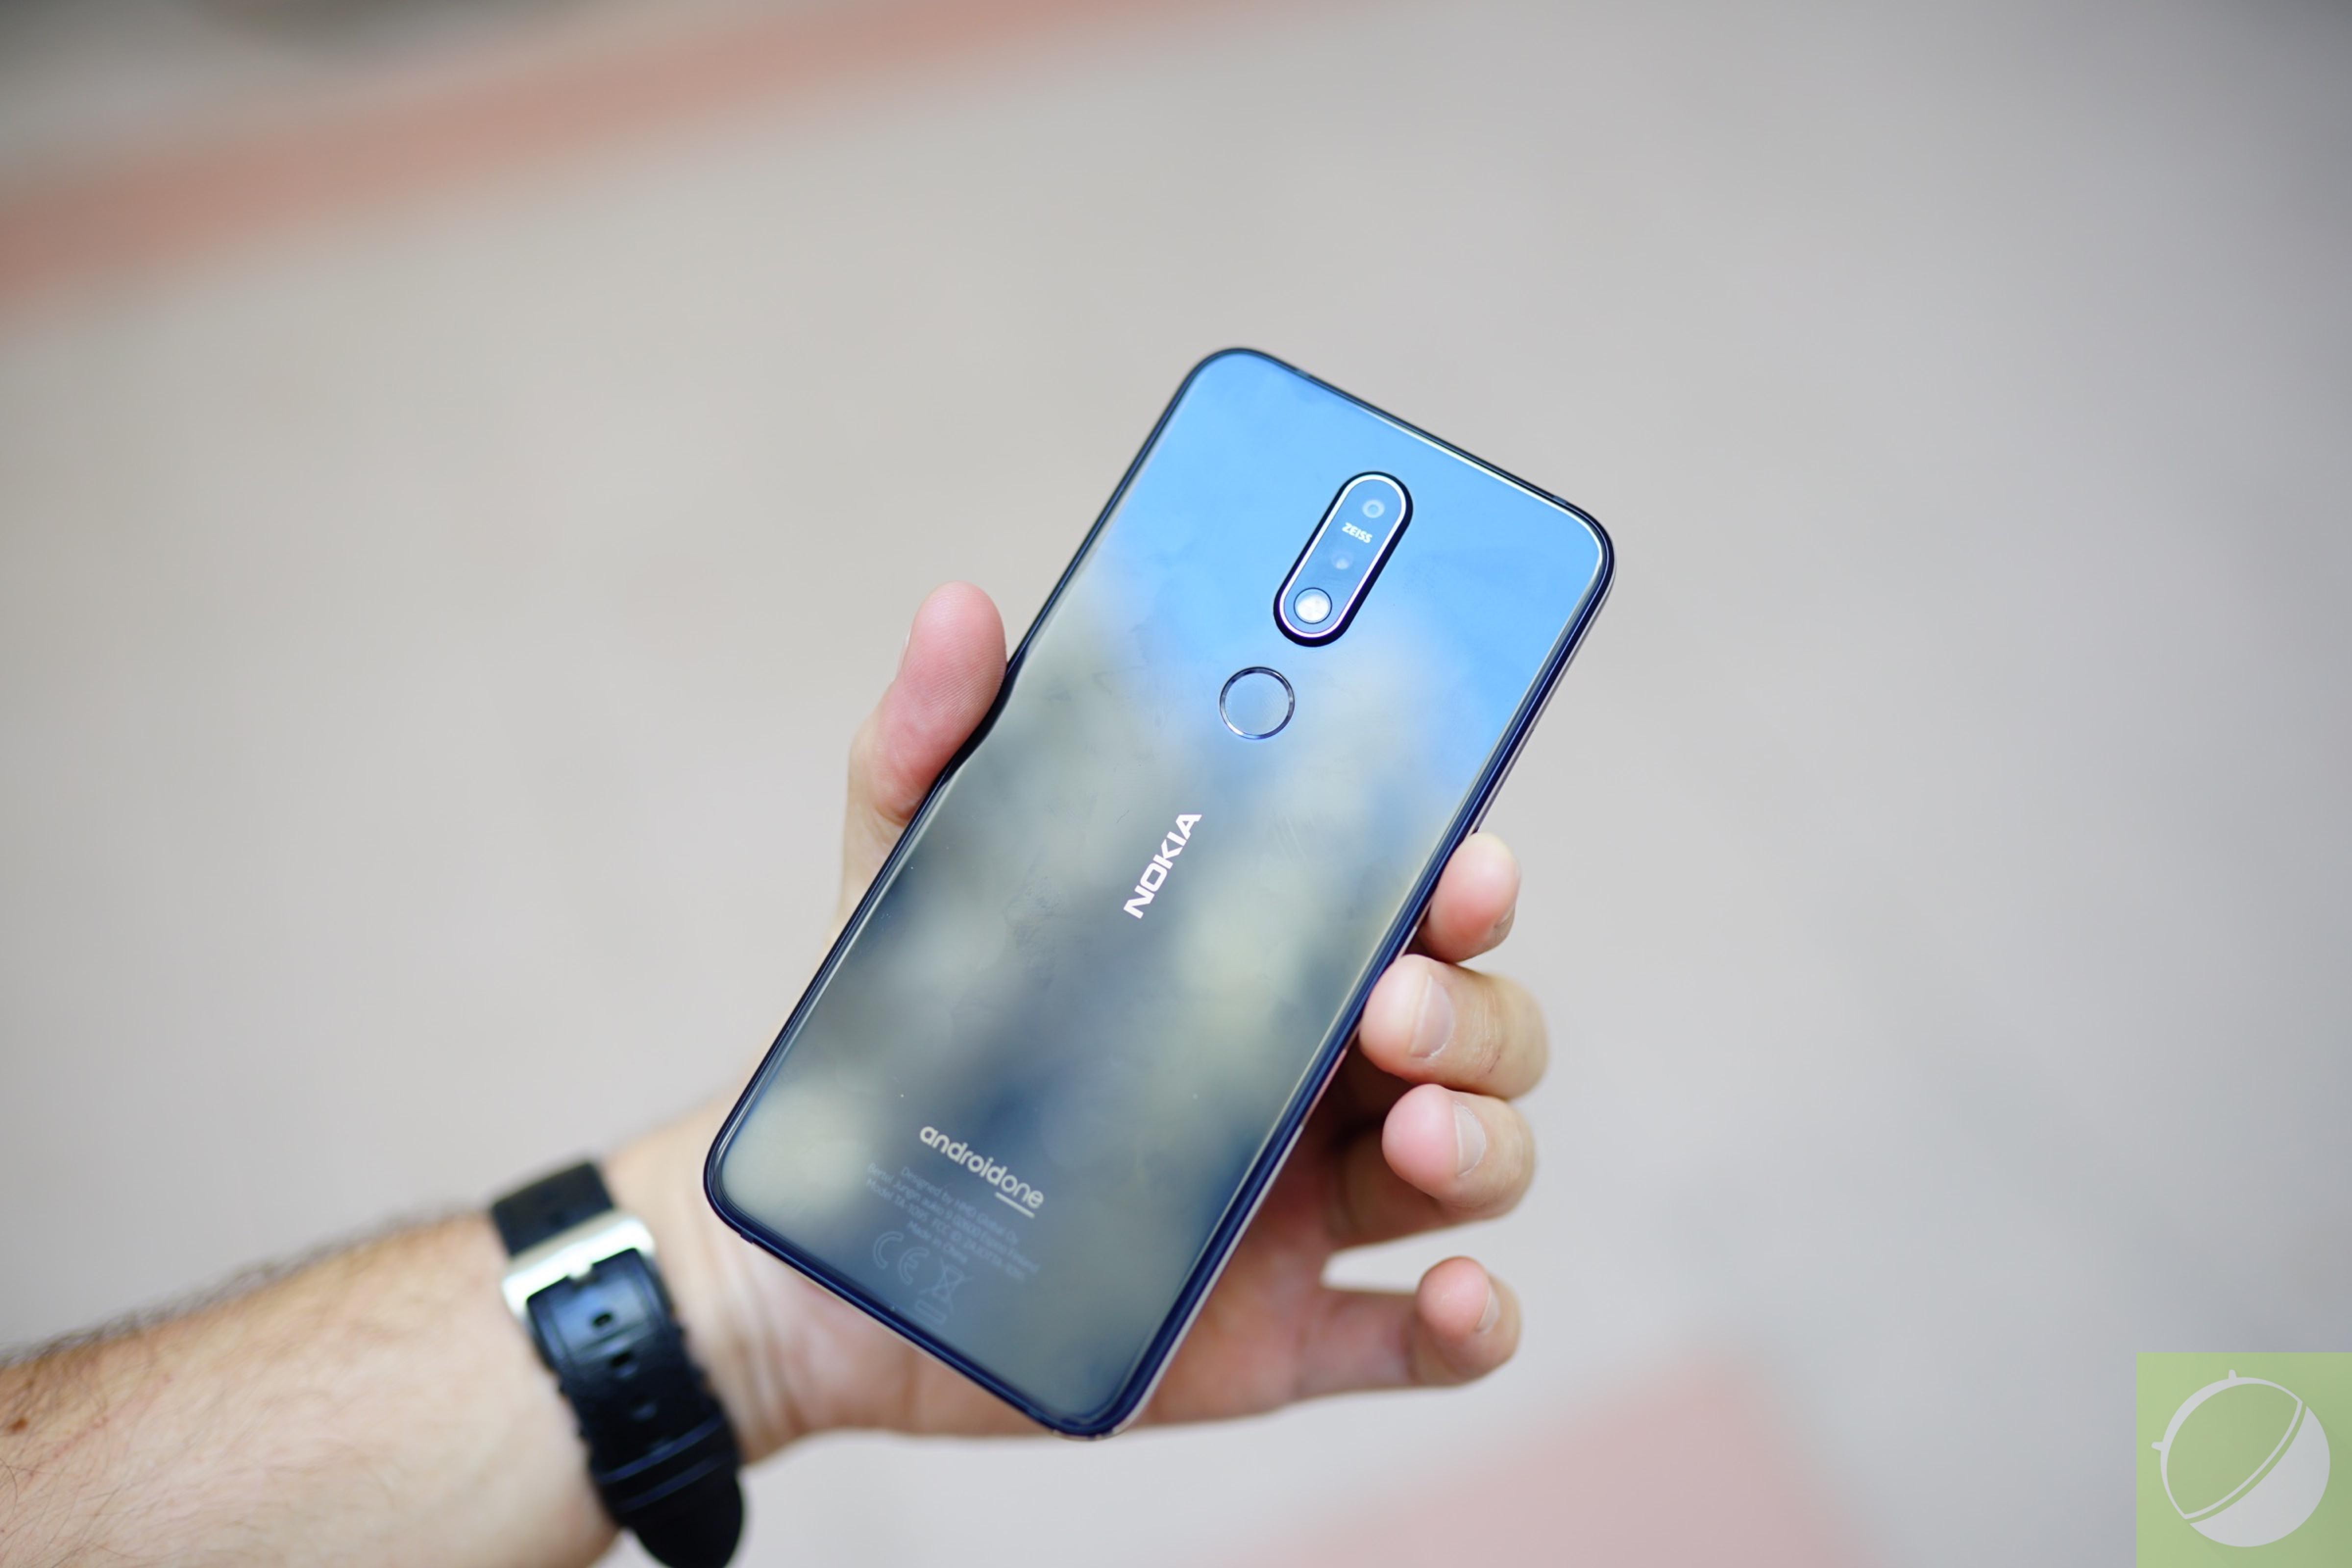 35e75c94d74fb2 En début d année, HMD Global a réussi à s imposer sur le segment des  smartphones à 400 euros avec le Nokia 7 Plus qui était une véritable  surprise capable ...